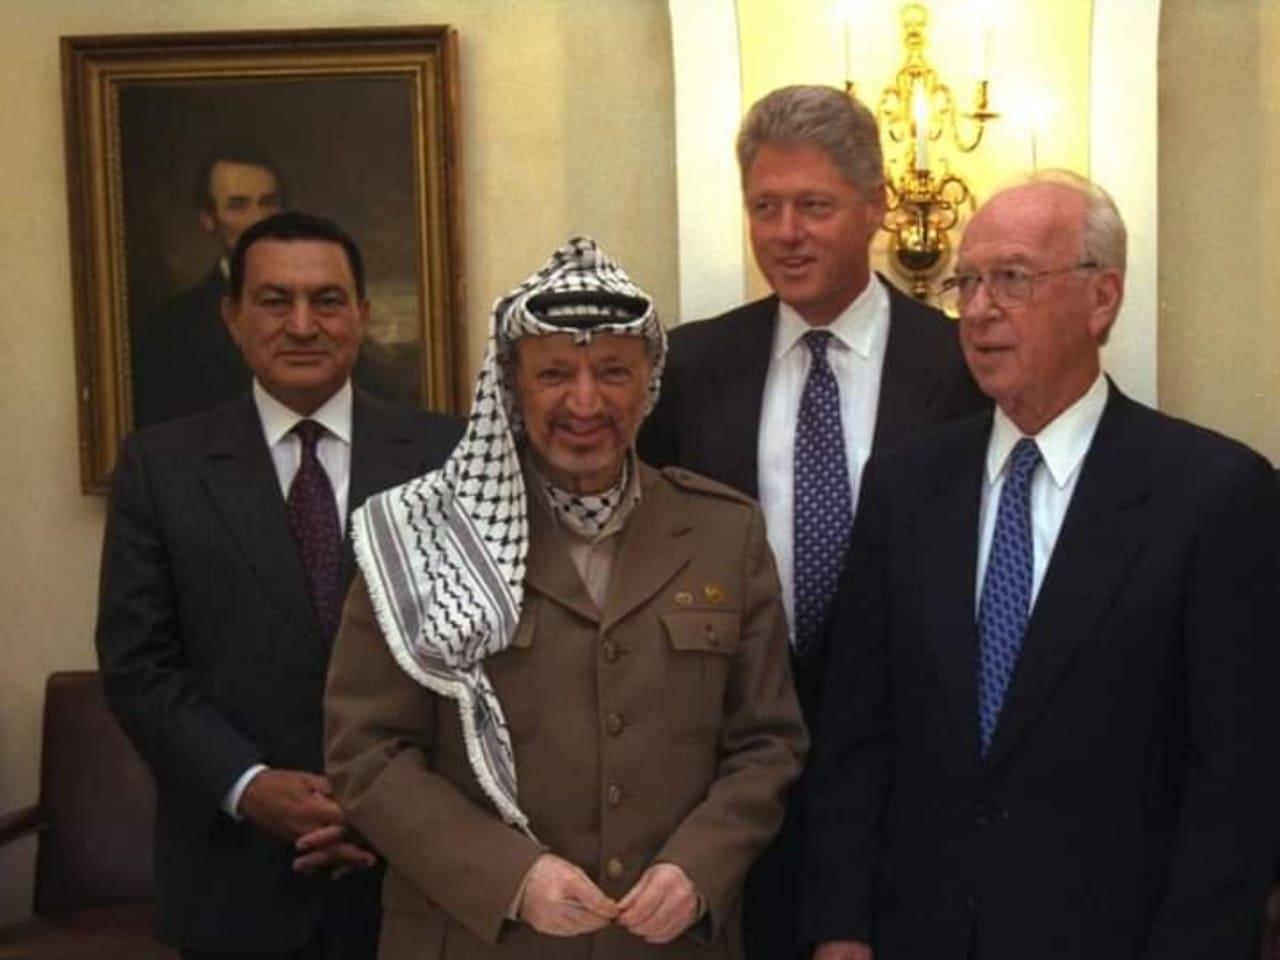 Normalisasi Negara Arab - Israel dan Perjanjian Oslo